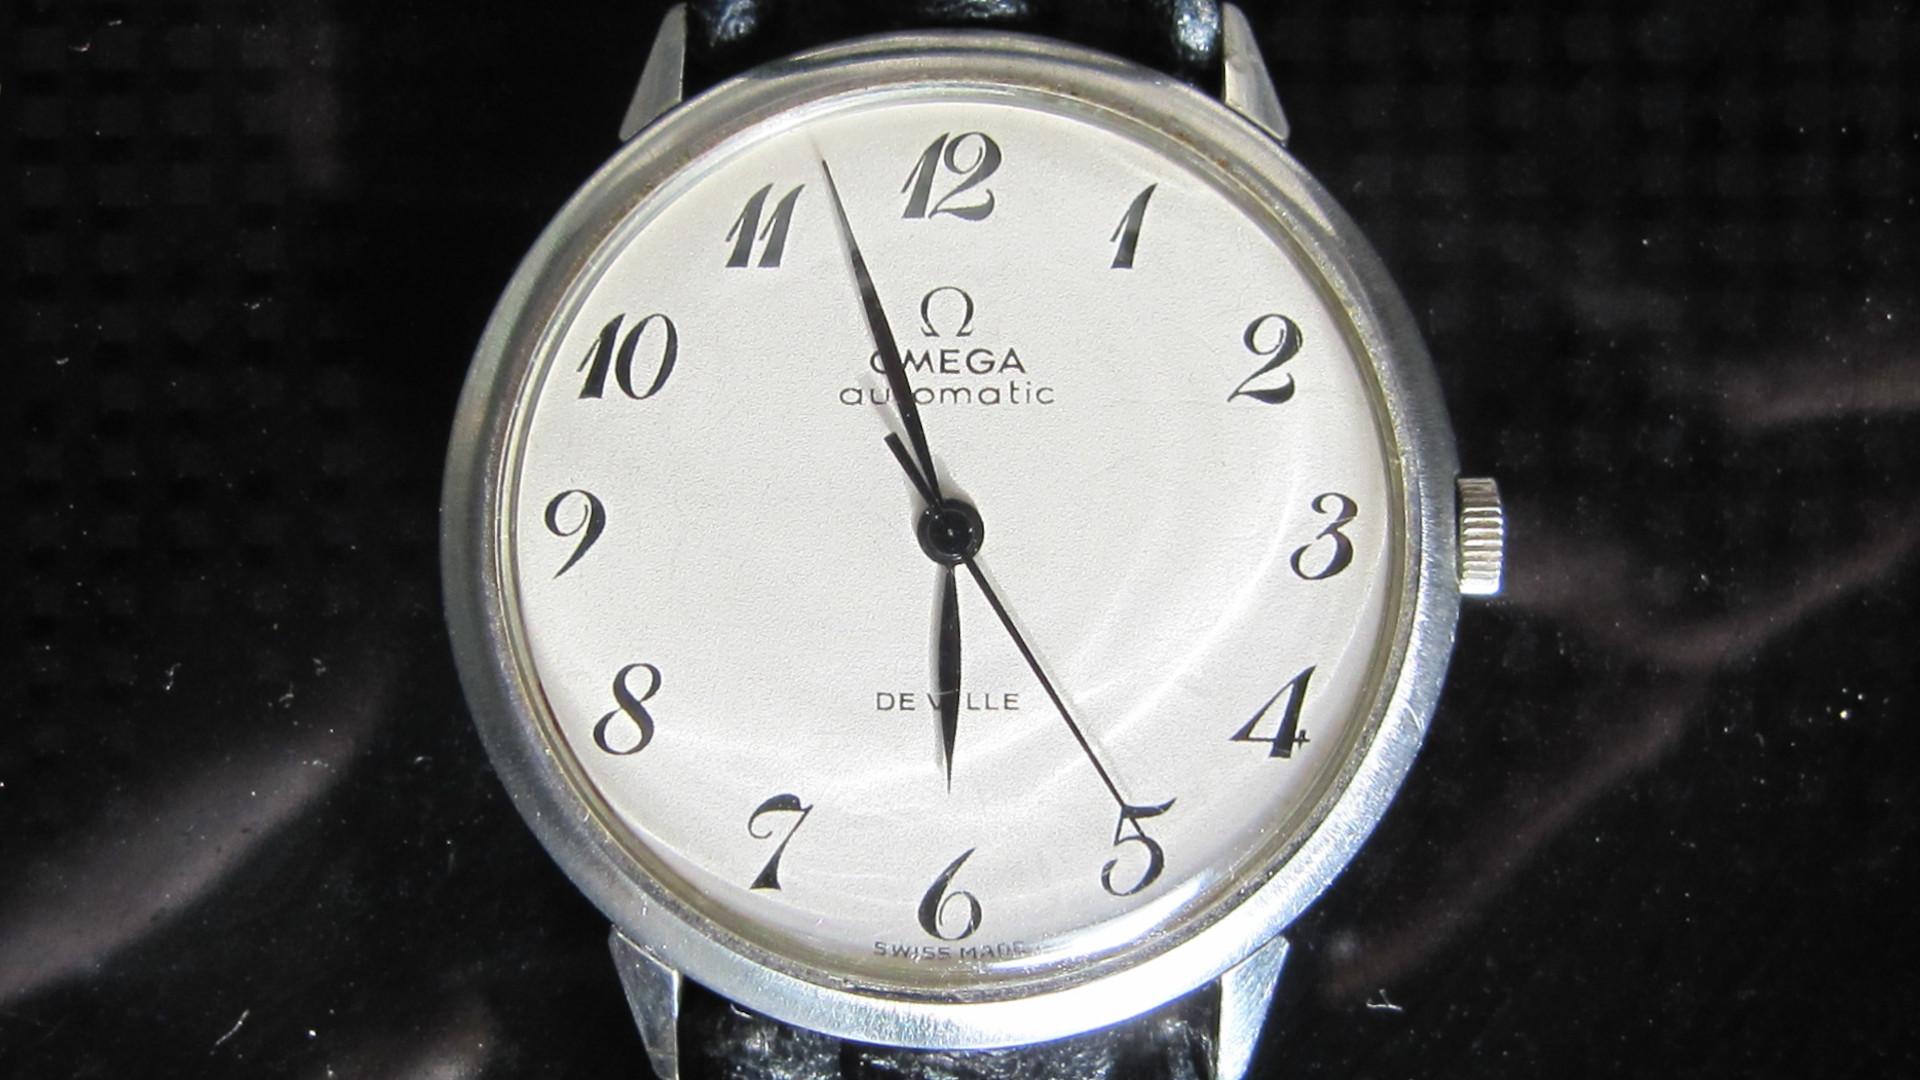 Omega Automatic De Ville Swiss Made.jpg